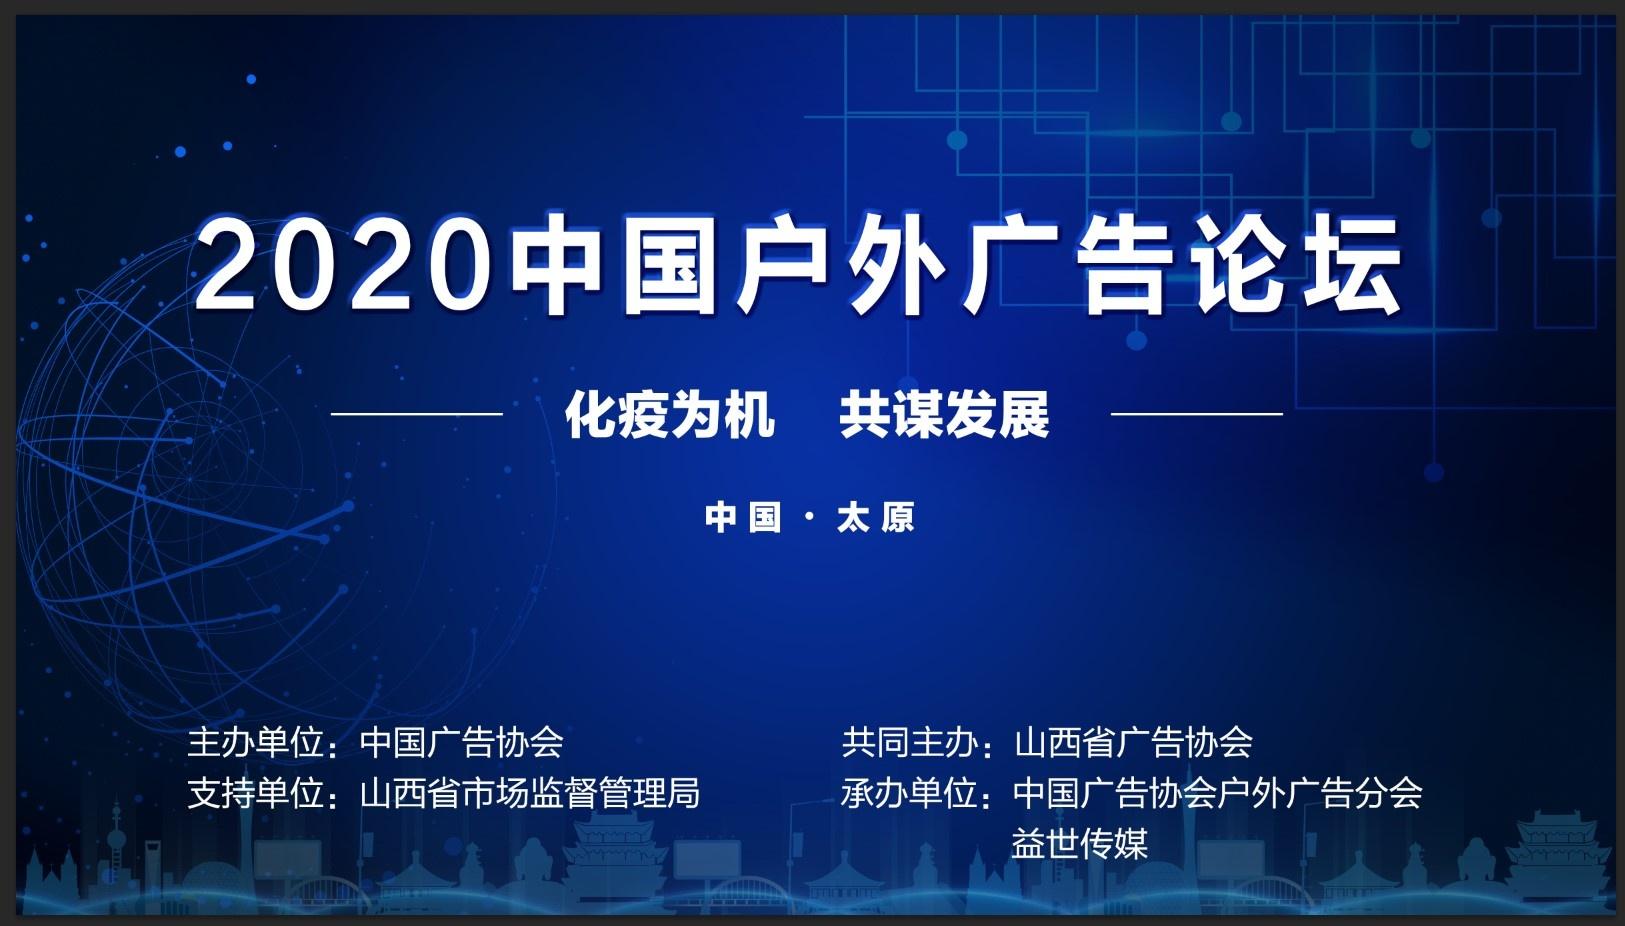 户外广告盛典即将启幕!2020中国户外广告论坛与您相约太原-中国商网|中国商报社0